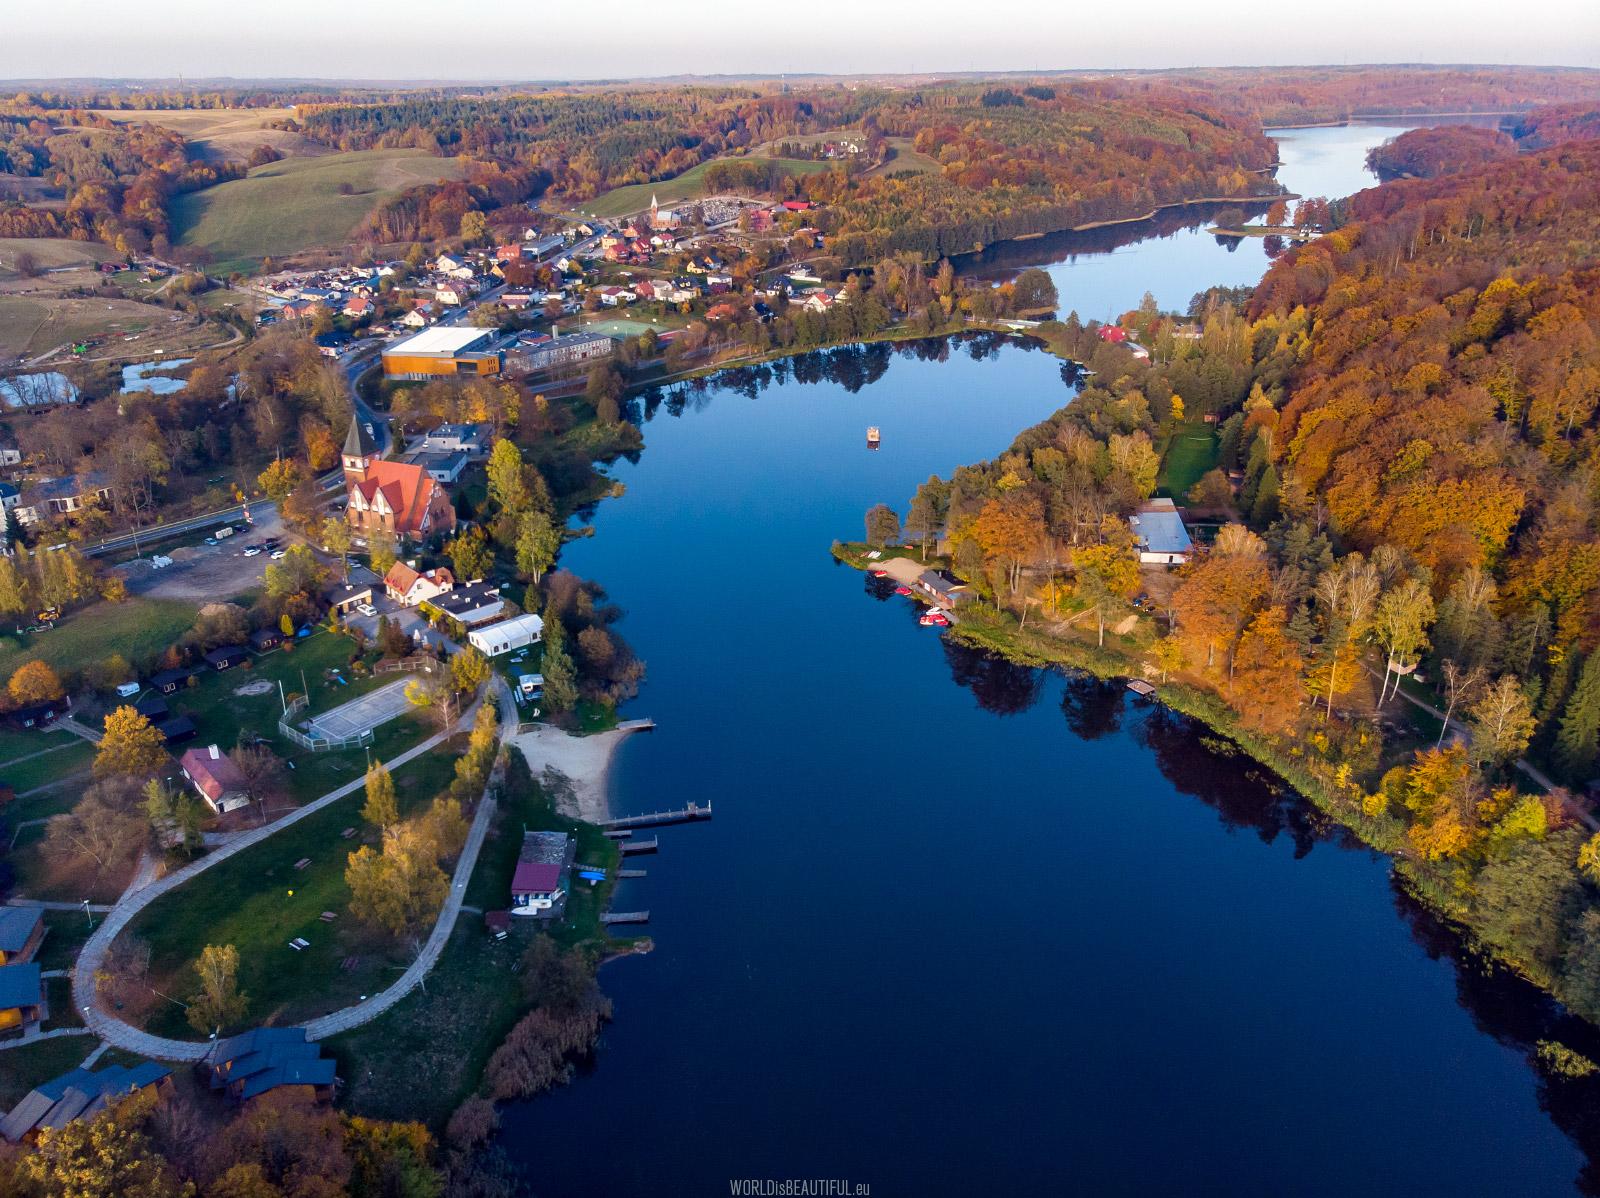 Przywidz i Jeziora Przywidzkie